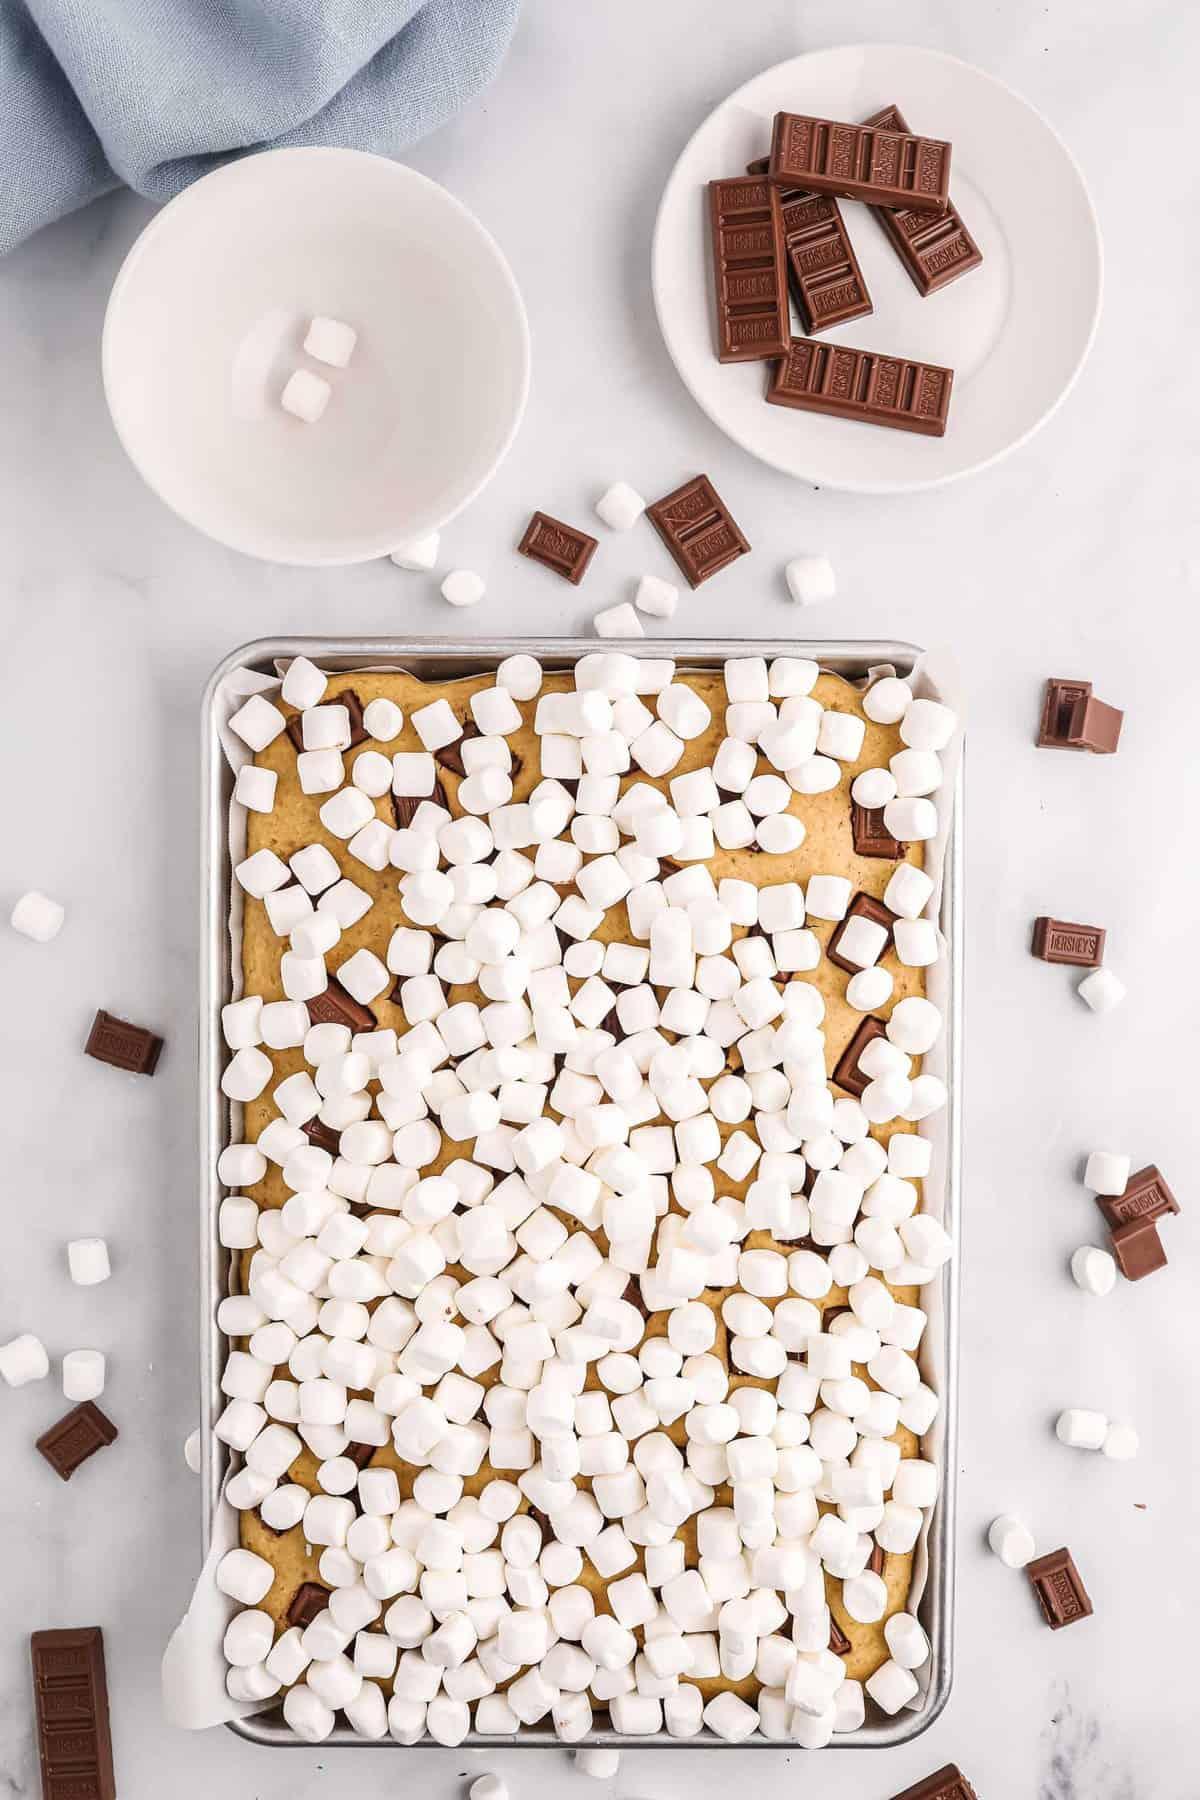 marshmallows on top of a sheet pan pancake.